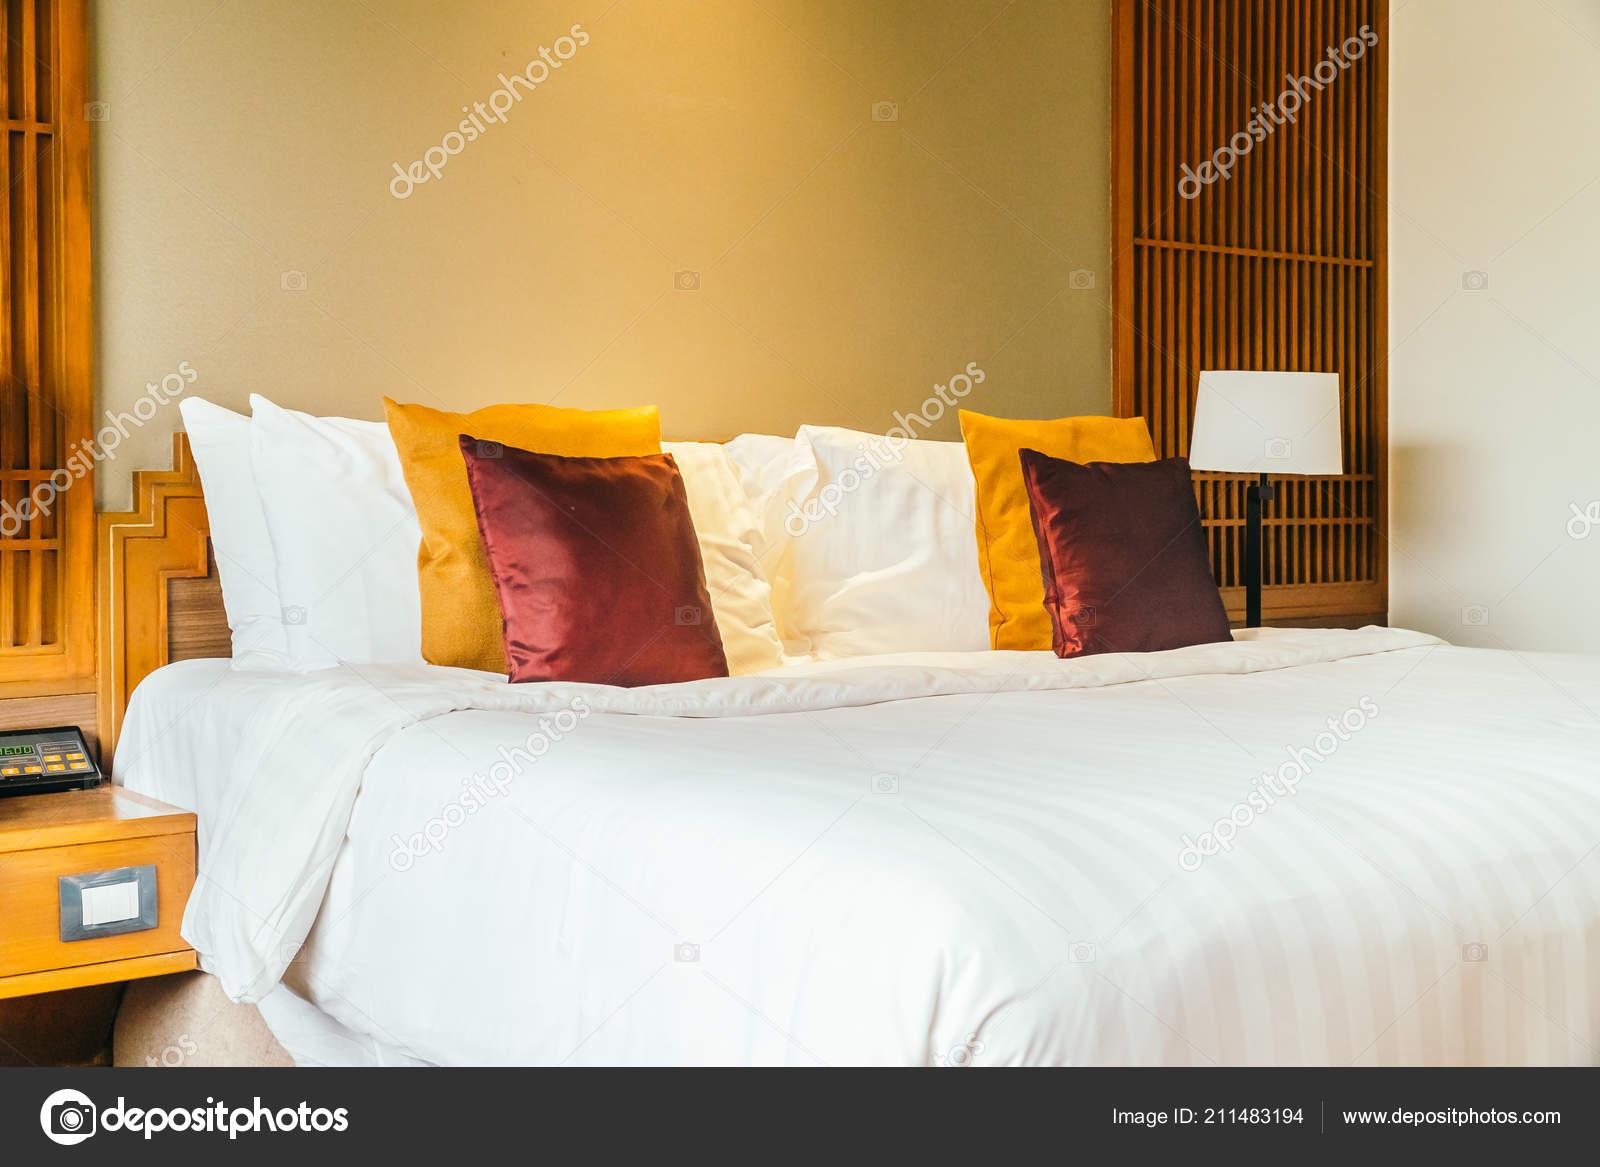 Oreiller Confortable Sur Lit Avec Lampe Meubles Décoration Intérieur ...